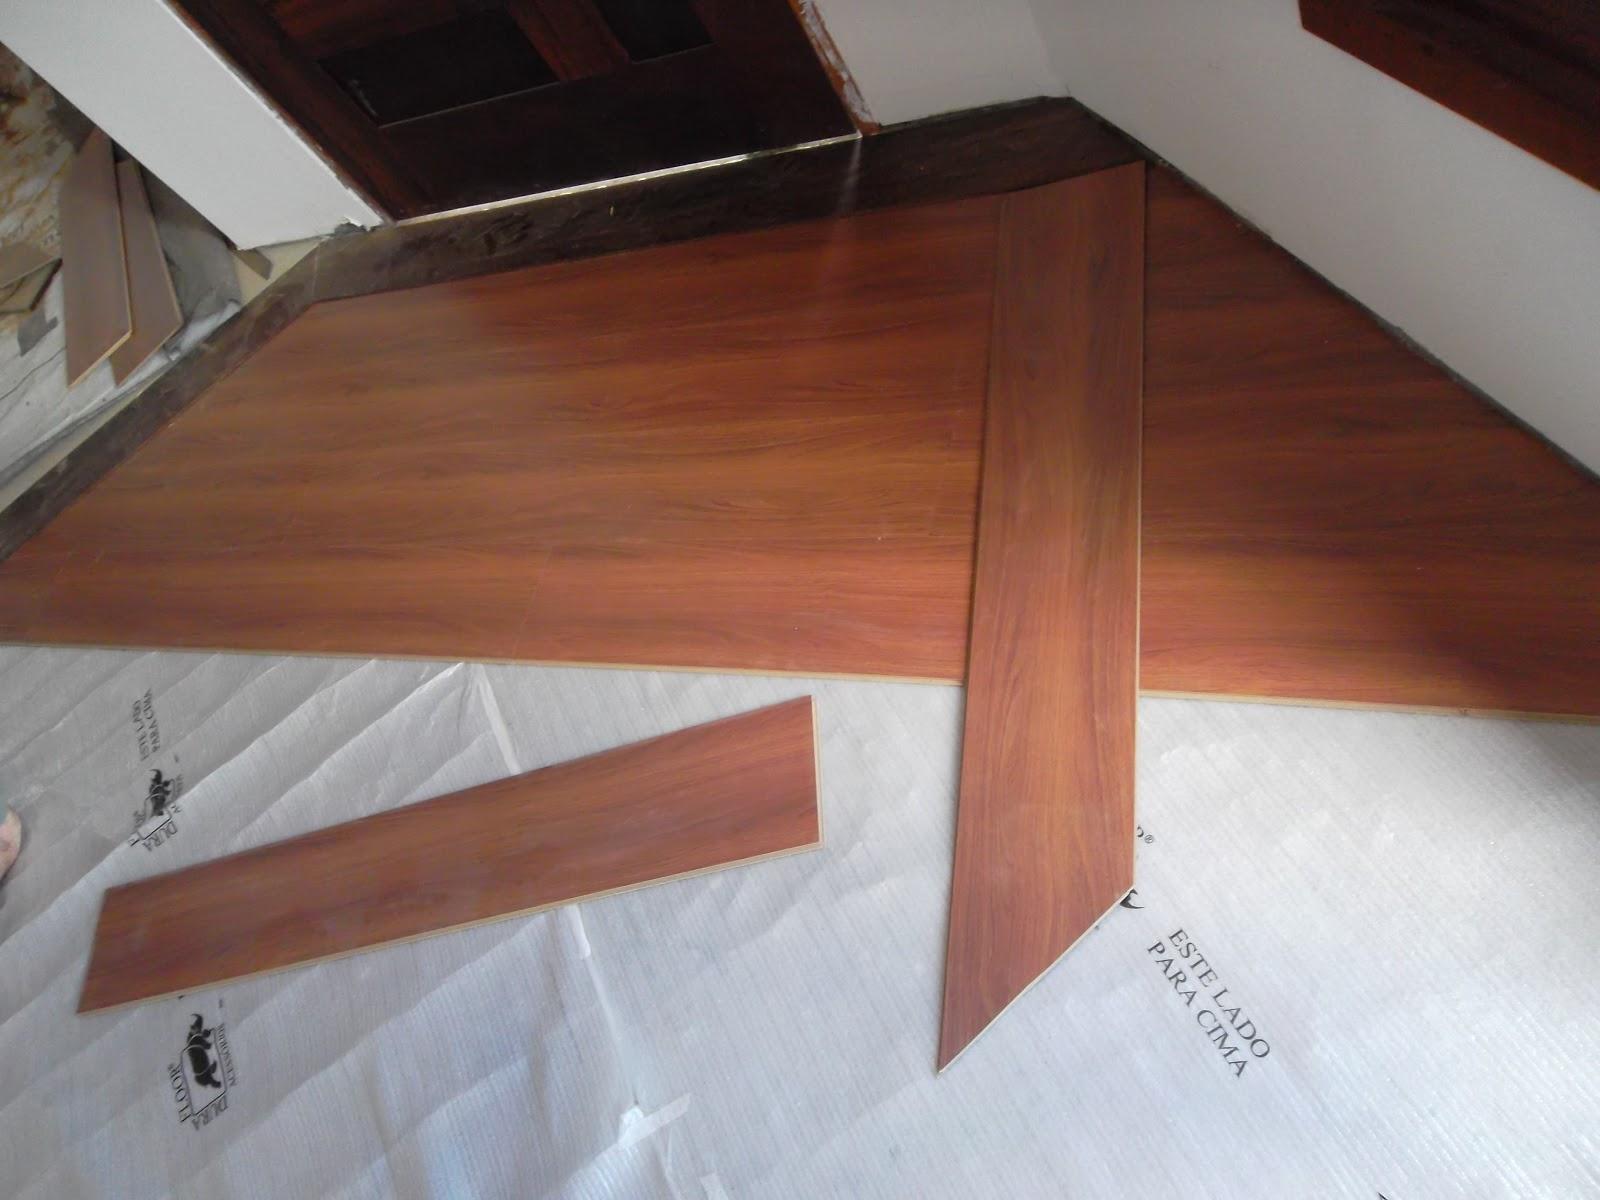 #6F412F Sonhar Juntos: Carpete de madeira e a Casa 1600x1200 px sonhar banheiro grande